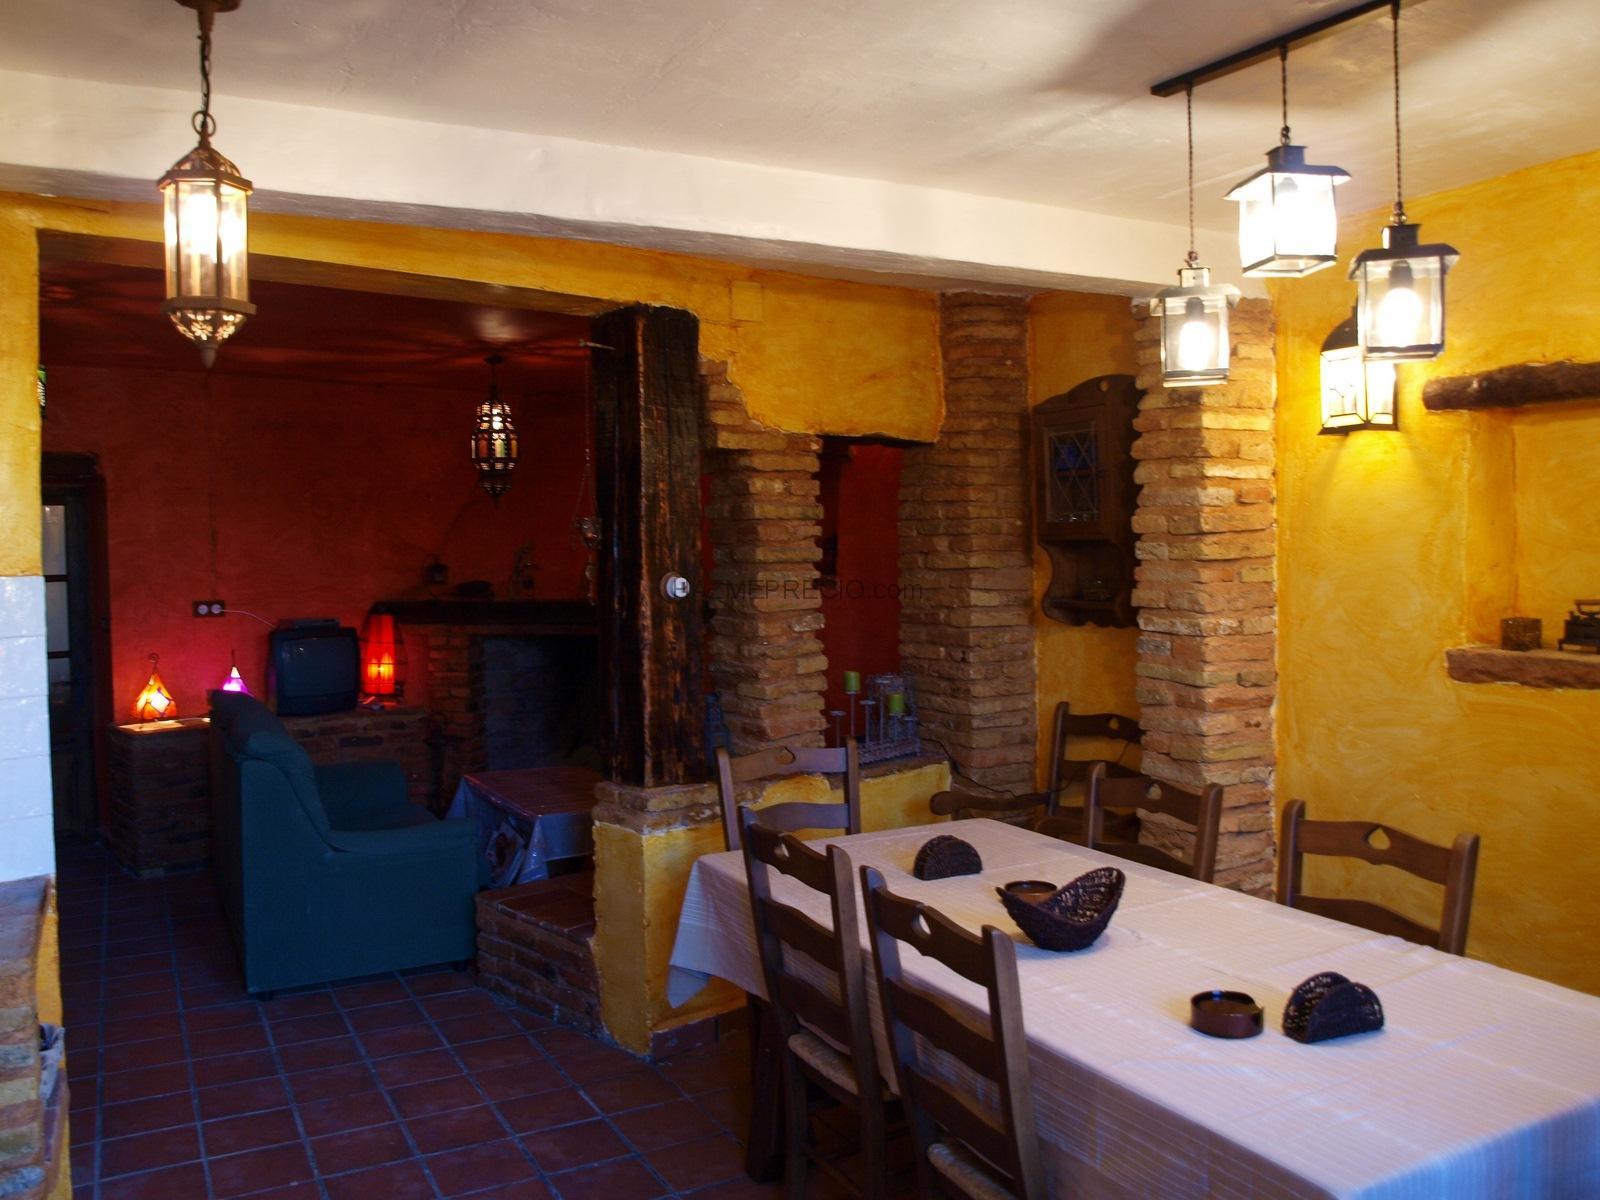 La cocina, parte del salón comedor